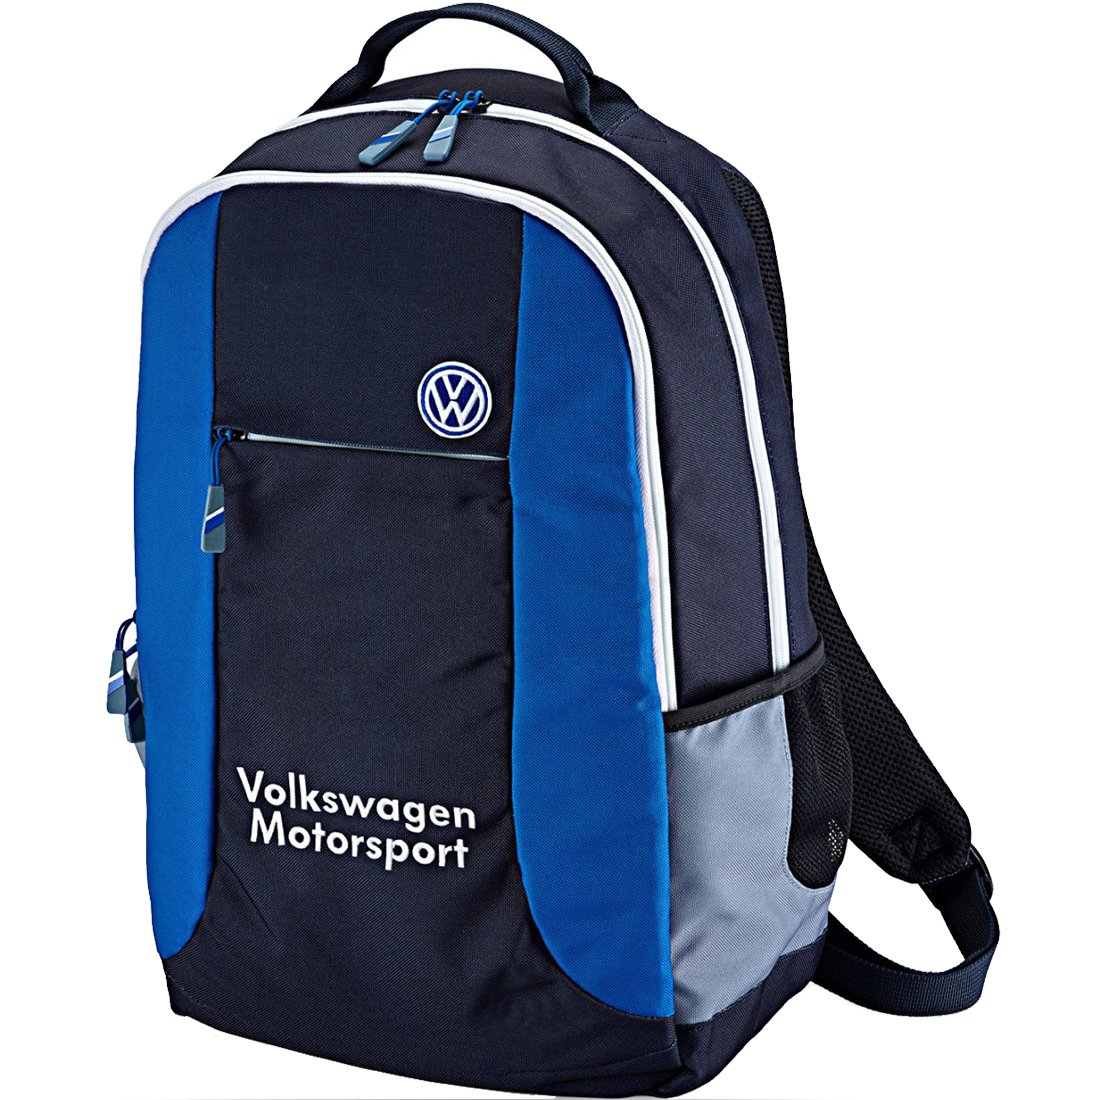 Volkswagen 5GV087327 530 Rucksack